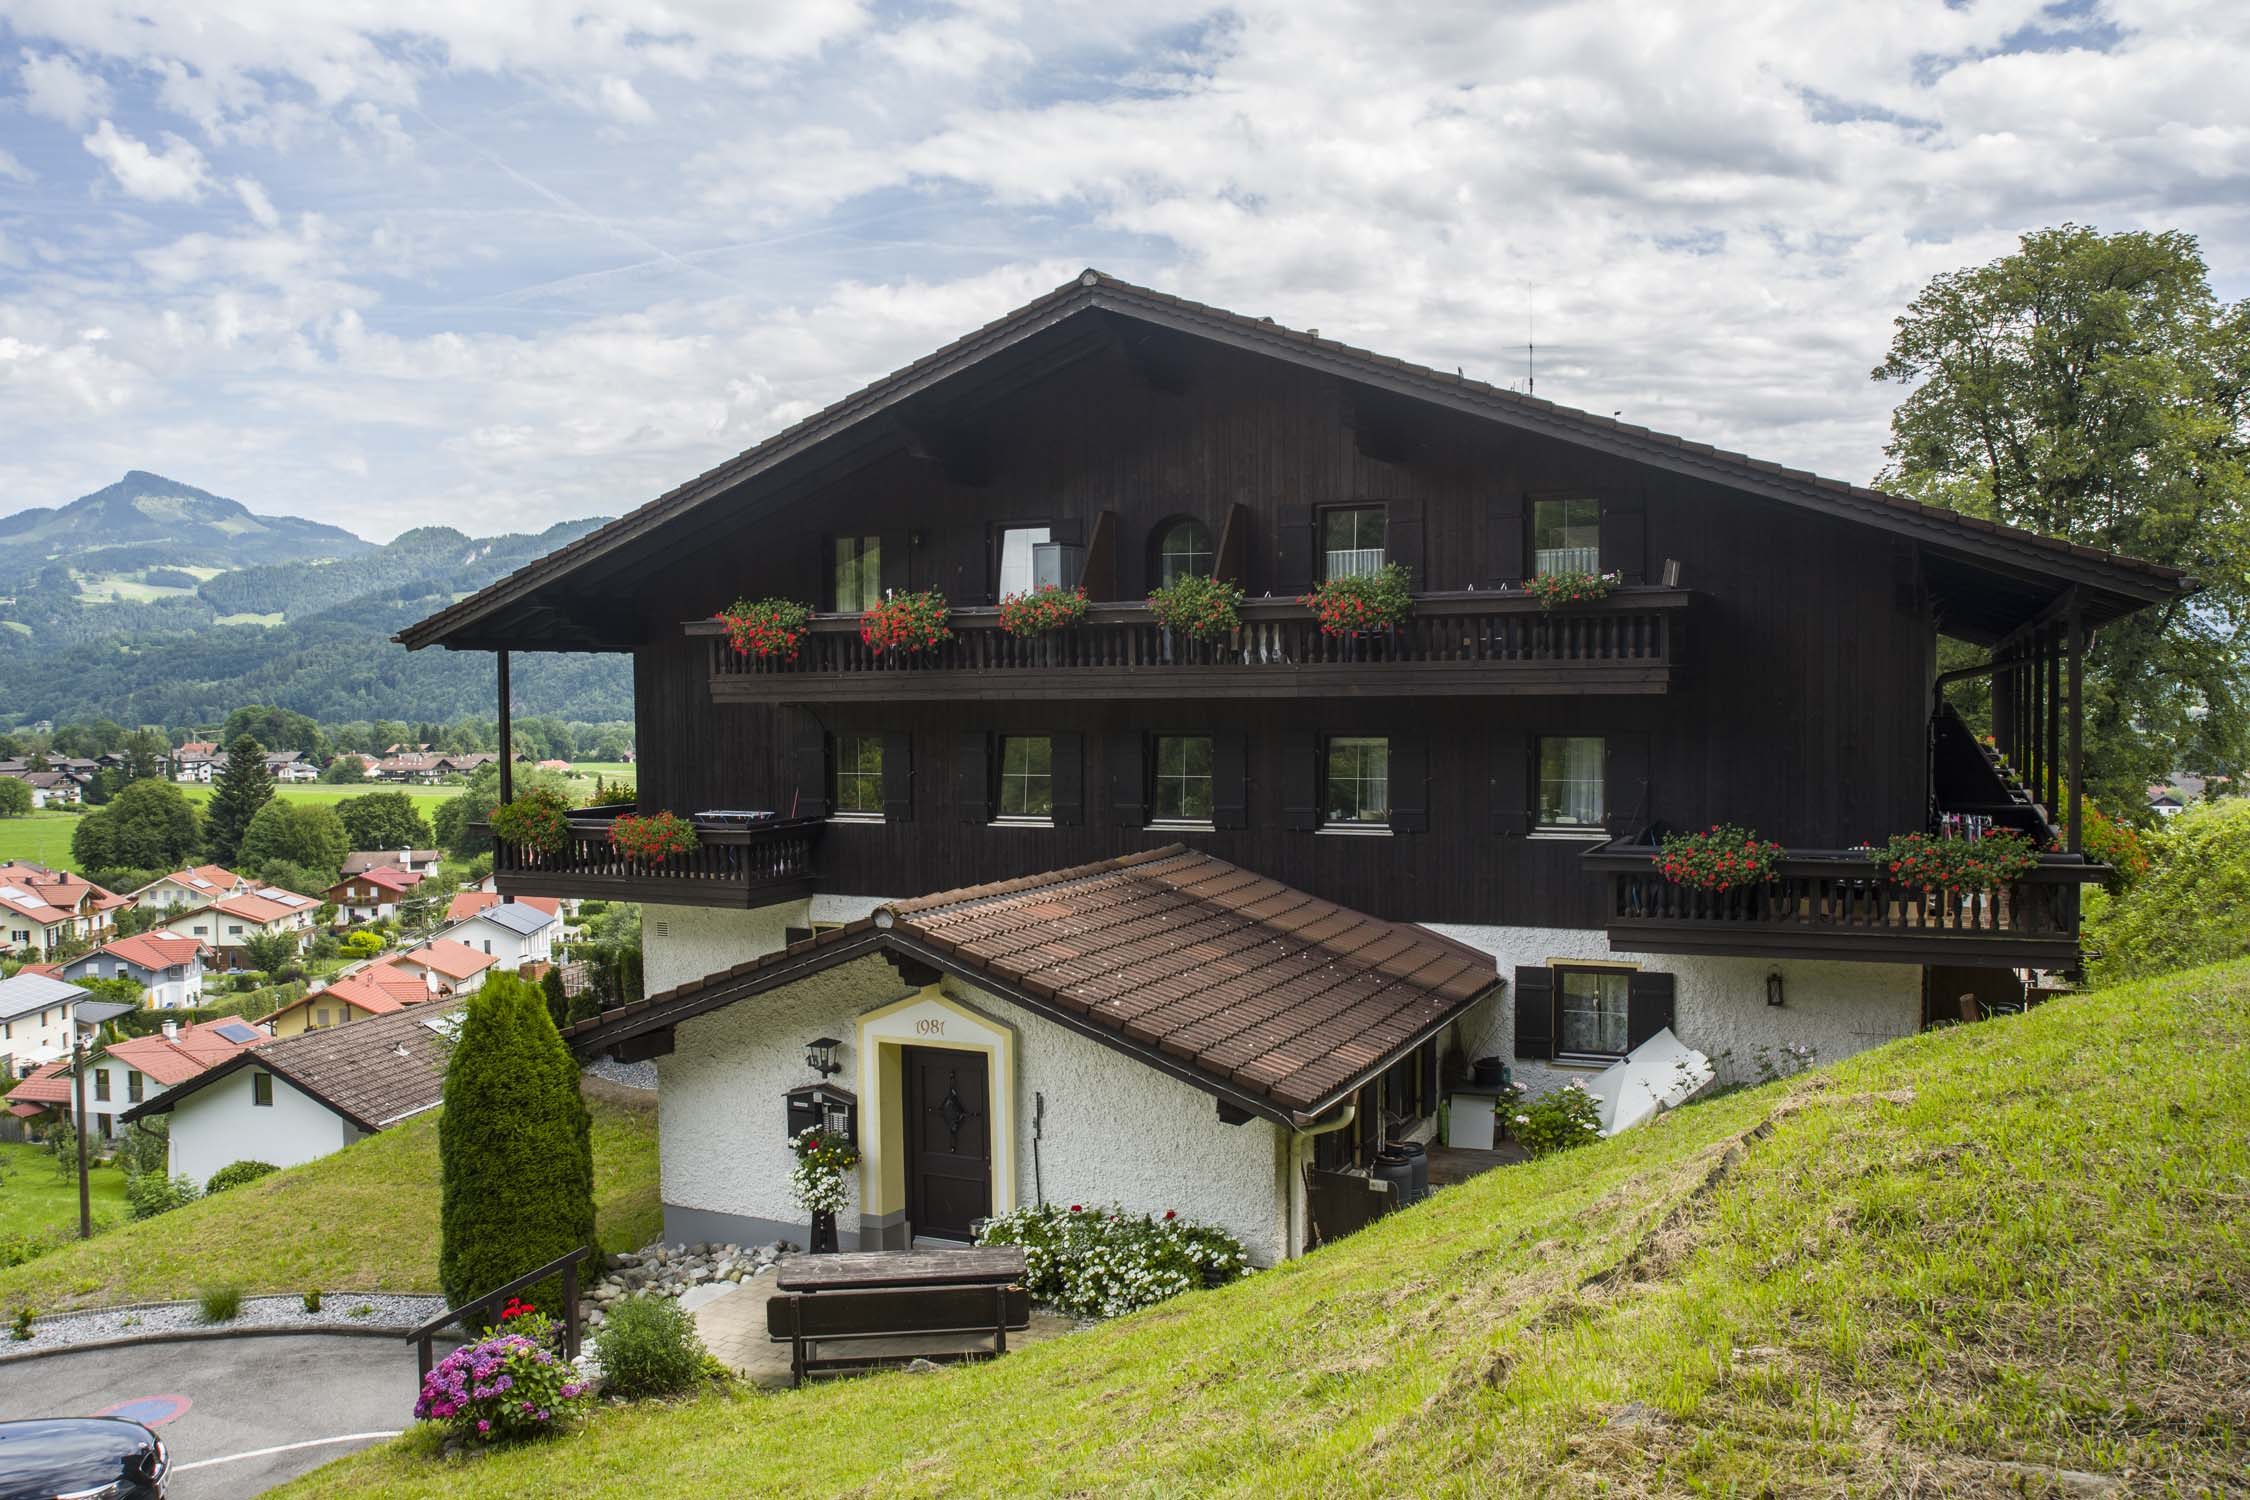 Ferienwohnung Dannapfel im Bergschlößl (DE Oberaudorf). 2-Zimmer Ferienwohnung (710001), Oberaudorf, Chiemgau, Bayern, Deutschland, Bild 2